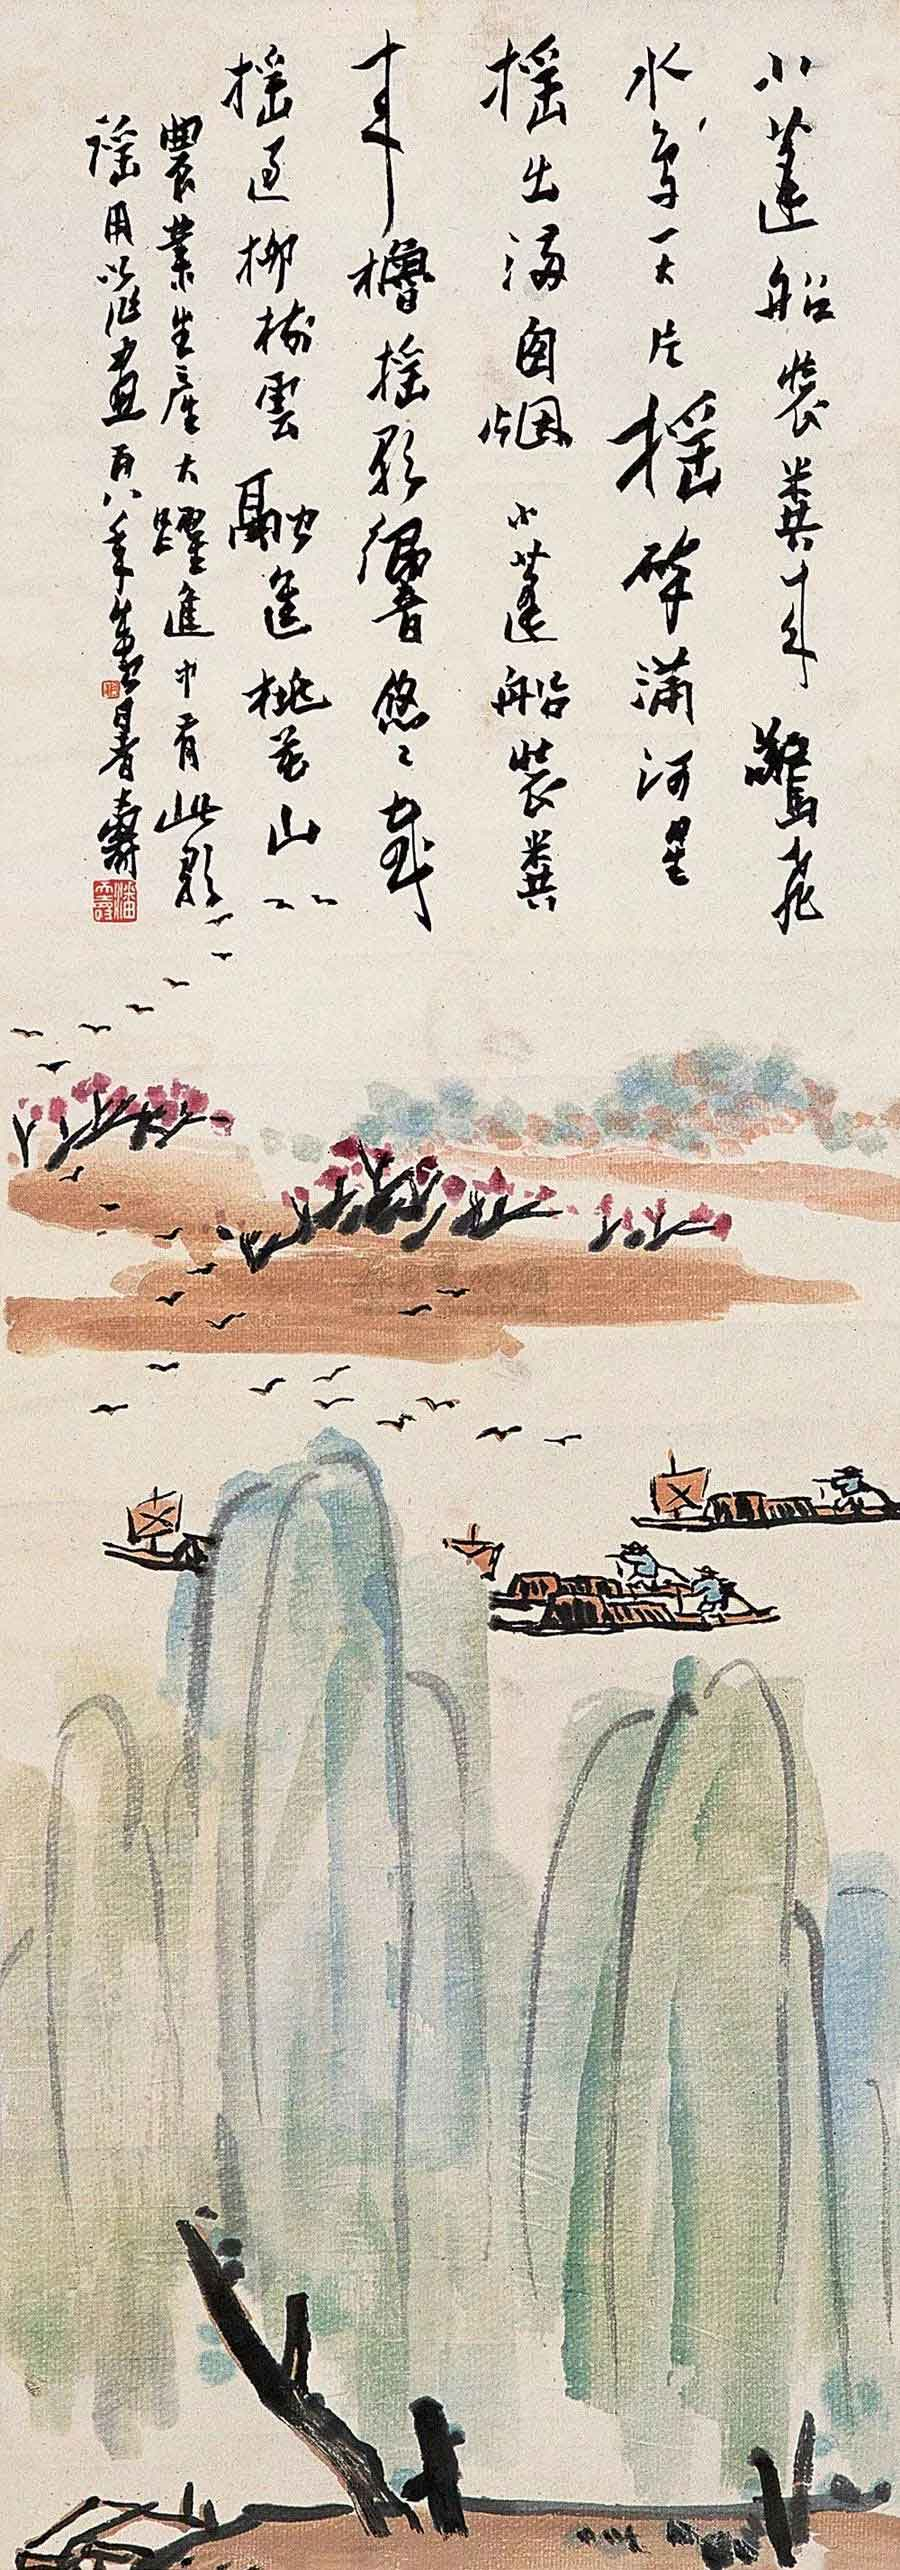 潘天寿 山水画 102cm×36cm